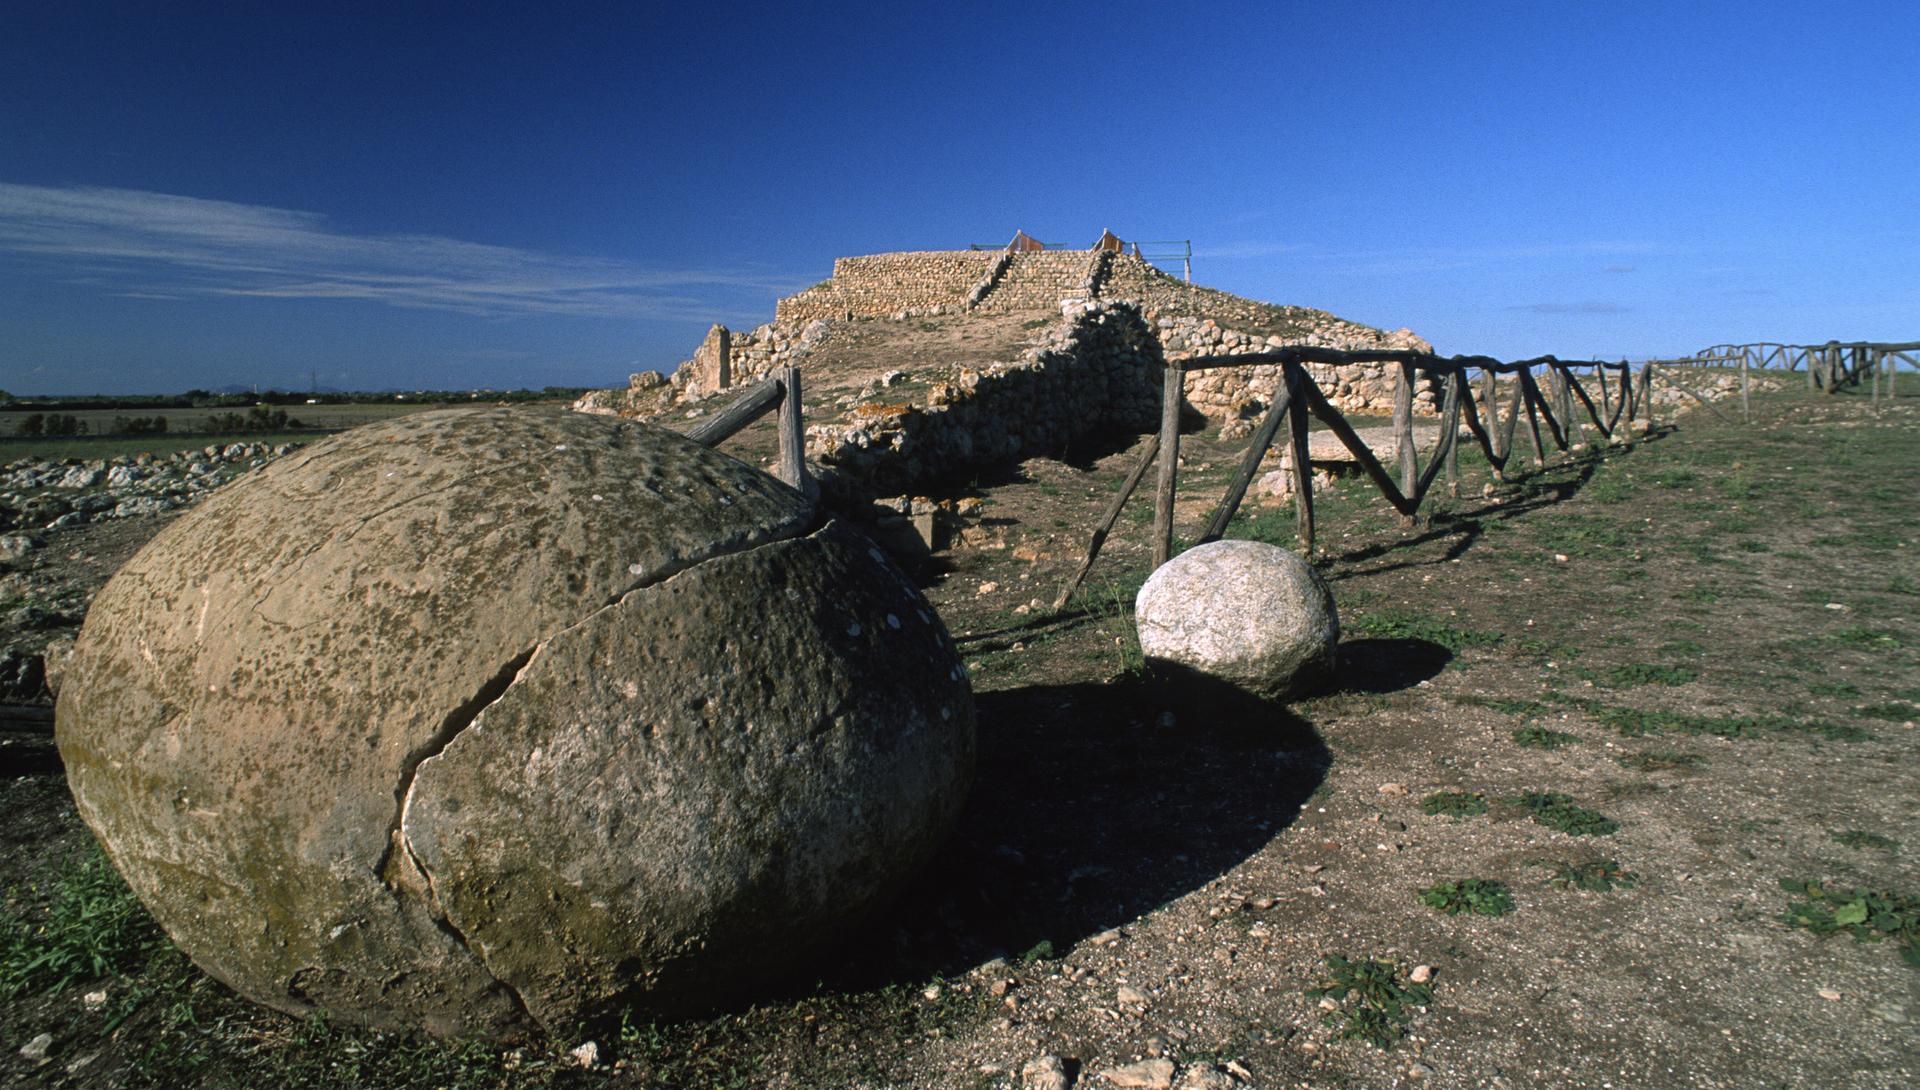 Altare Prenuragico di 8 Monte D'Accoddi - S.S. 131 Sassari-Porto Torres